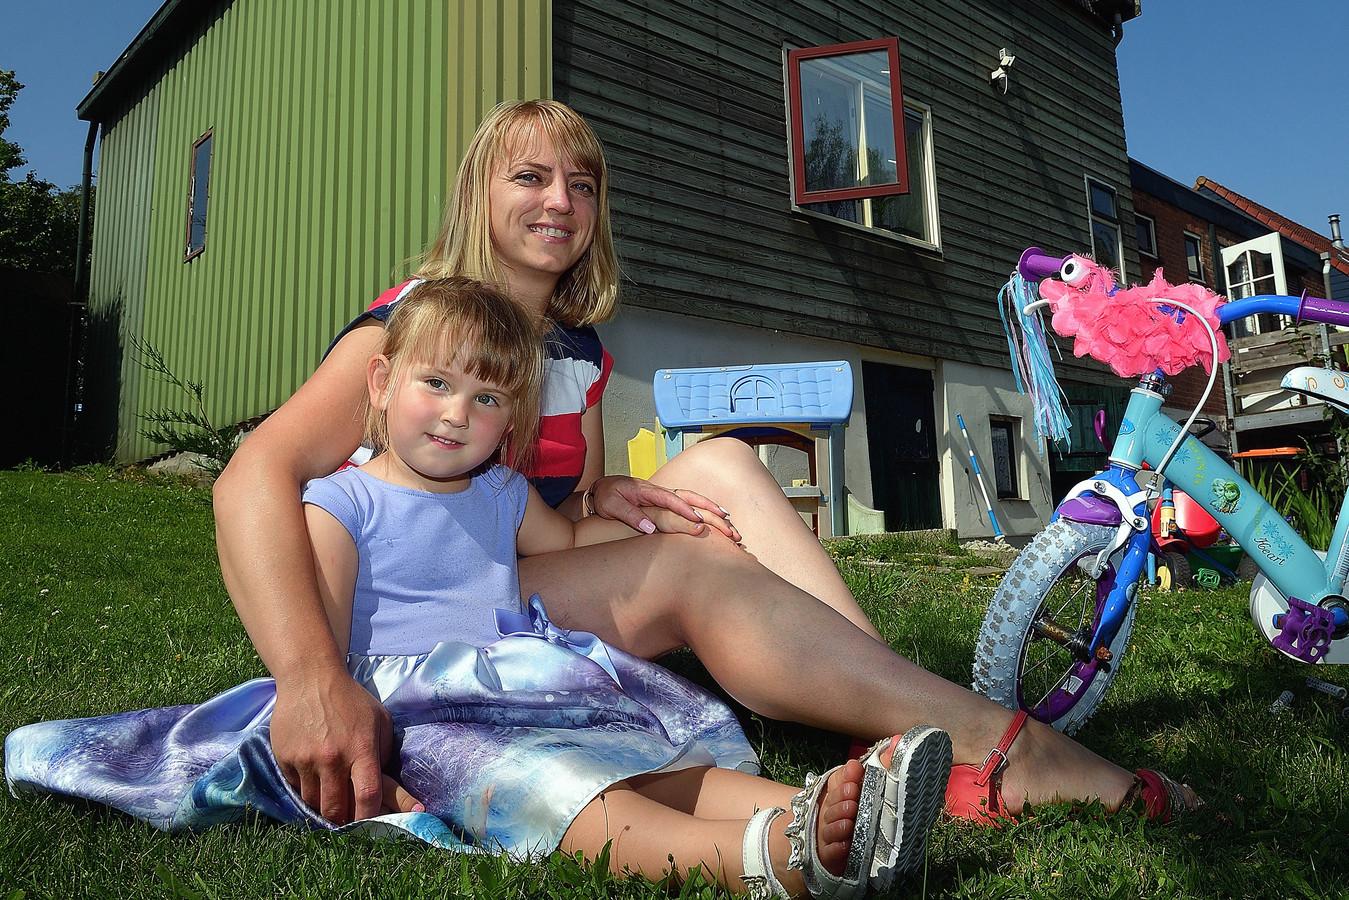 De Hongaars-Roemeense Piroska Papp (34) met dochter Helen in de tuin van haar dijkhuisje in Dinteloord.